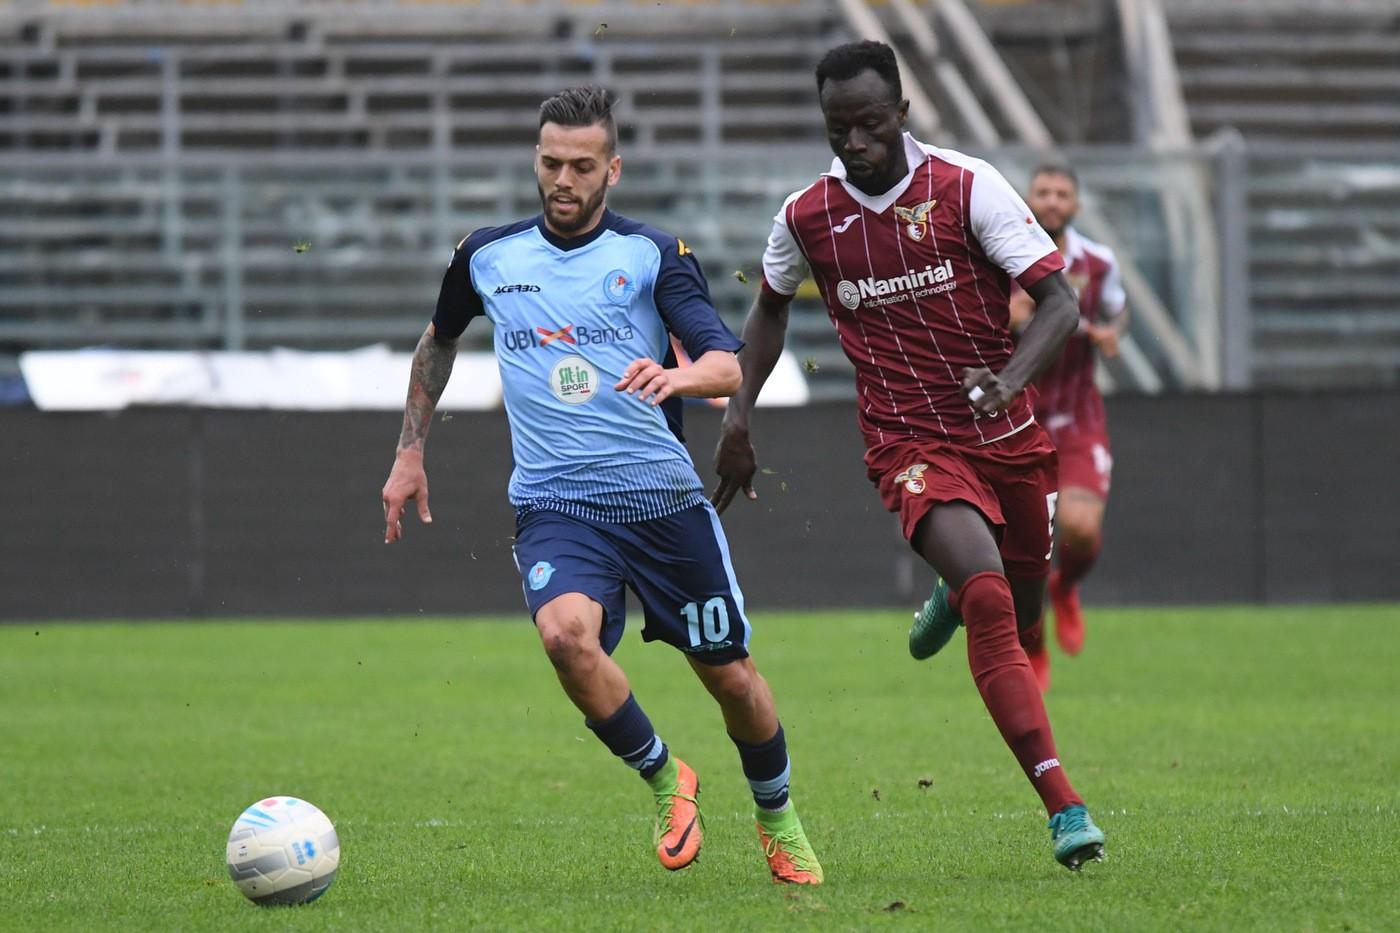 Calendario Coppa Italia Serie C.Coppa Italia Serie C Secondo E Terzo Turno Eliminatorio Il